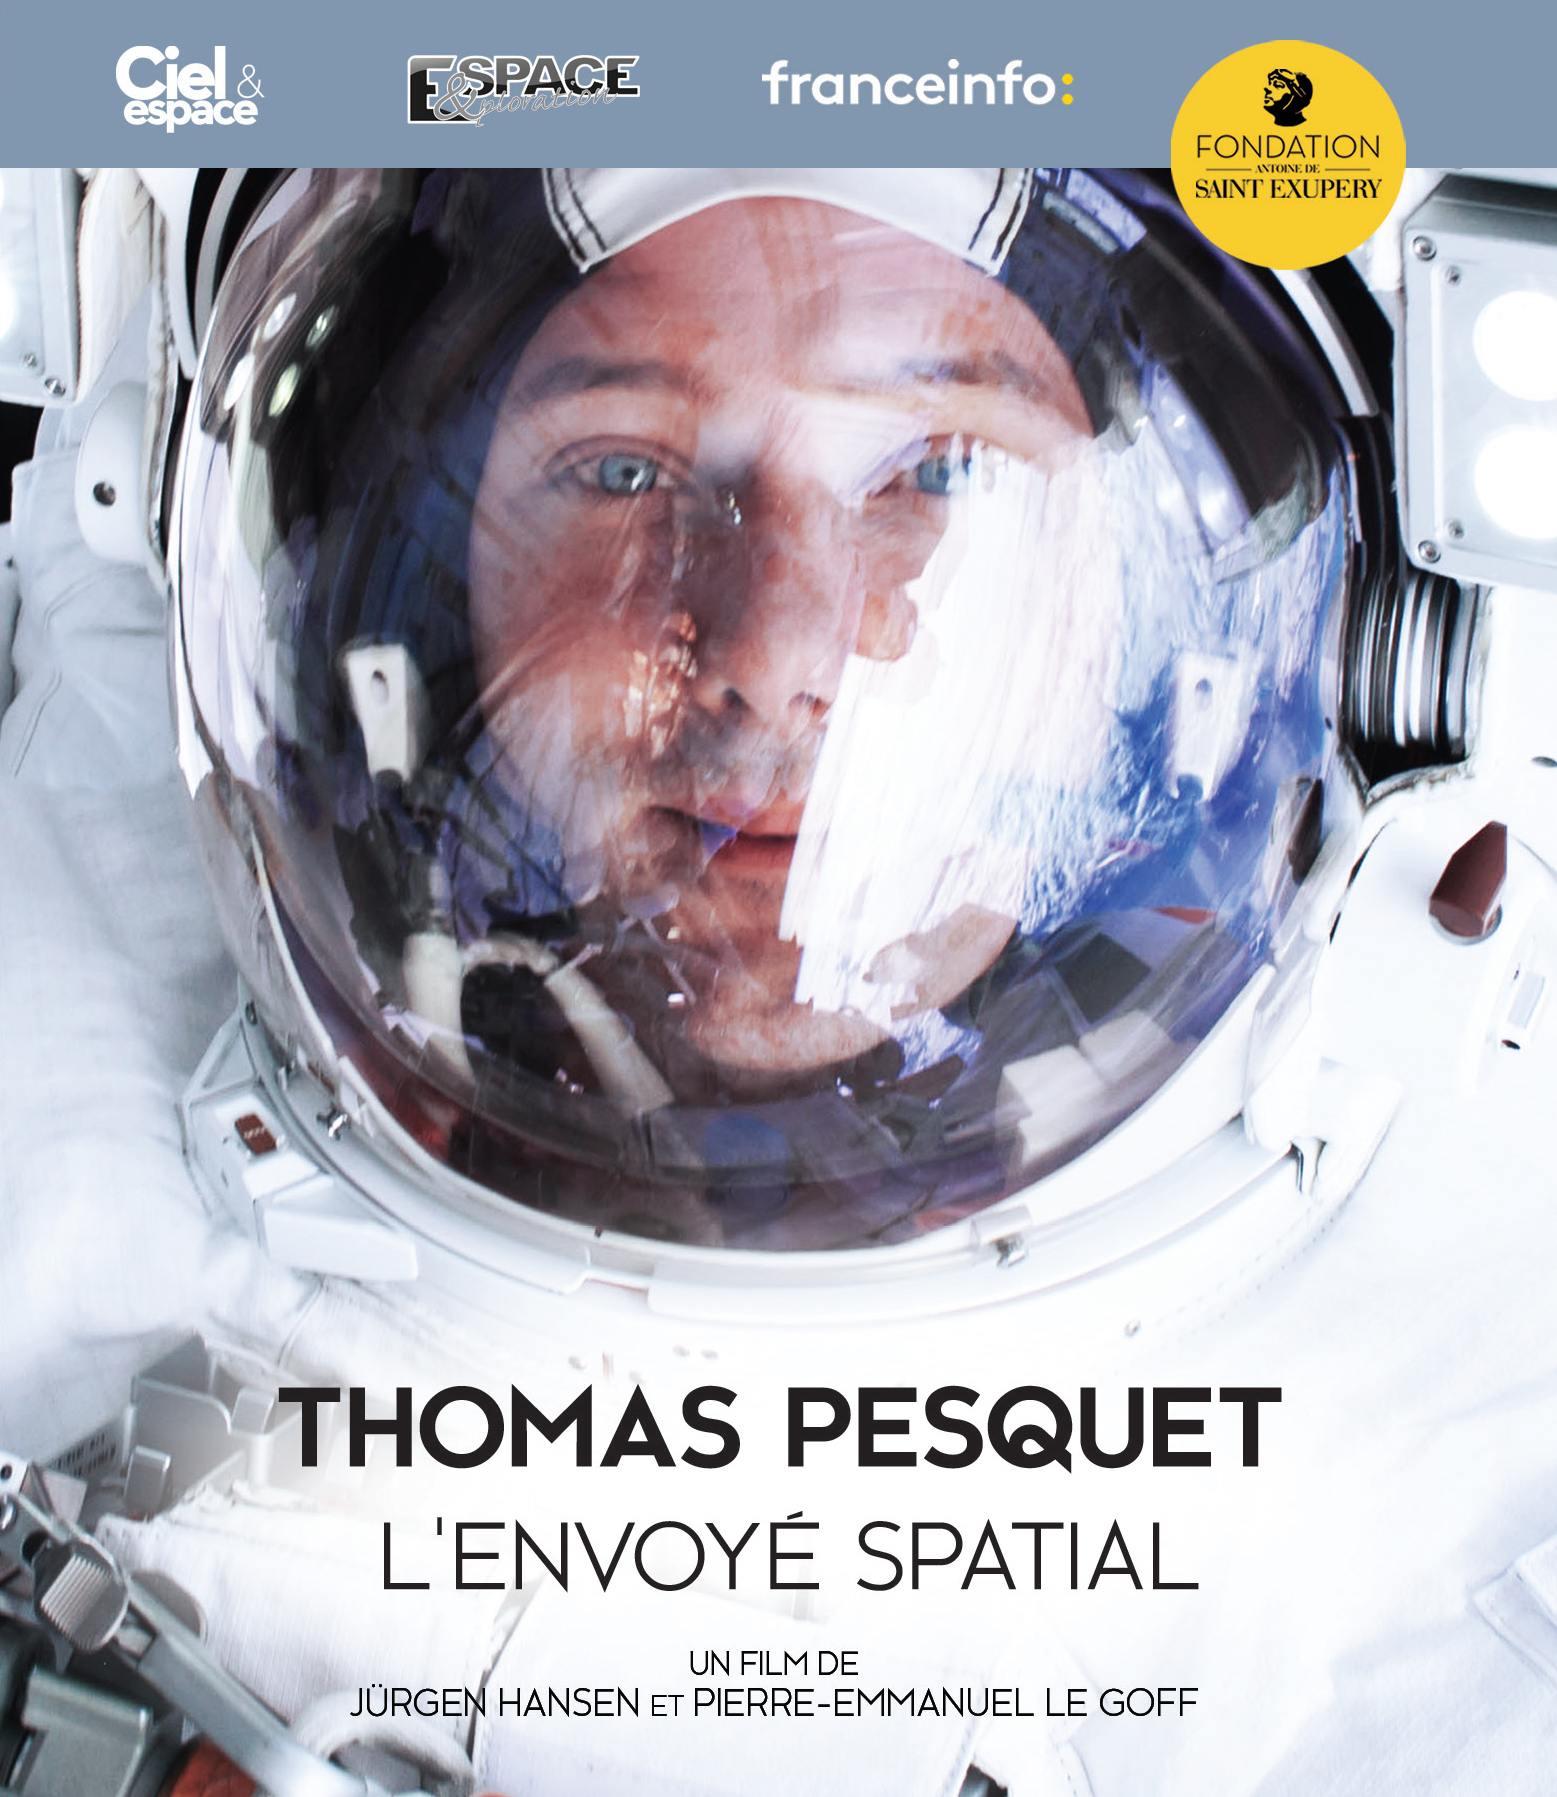 Thomas pesquet l'envoye spatial - blu-ray